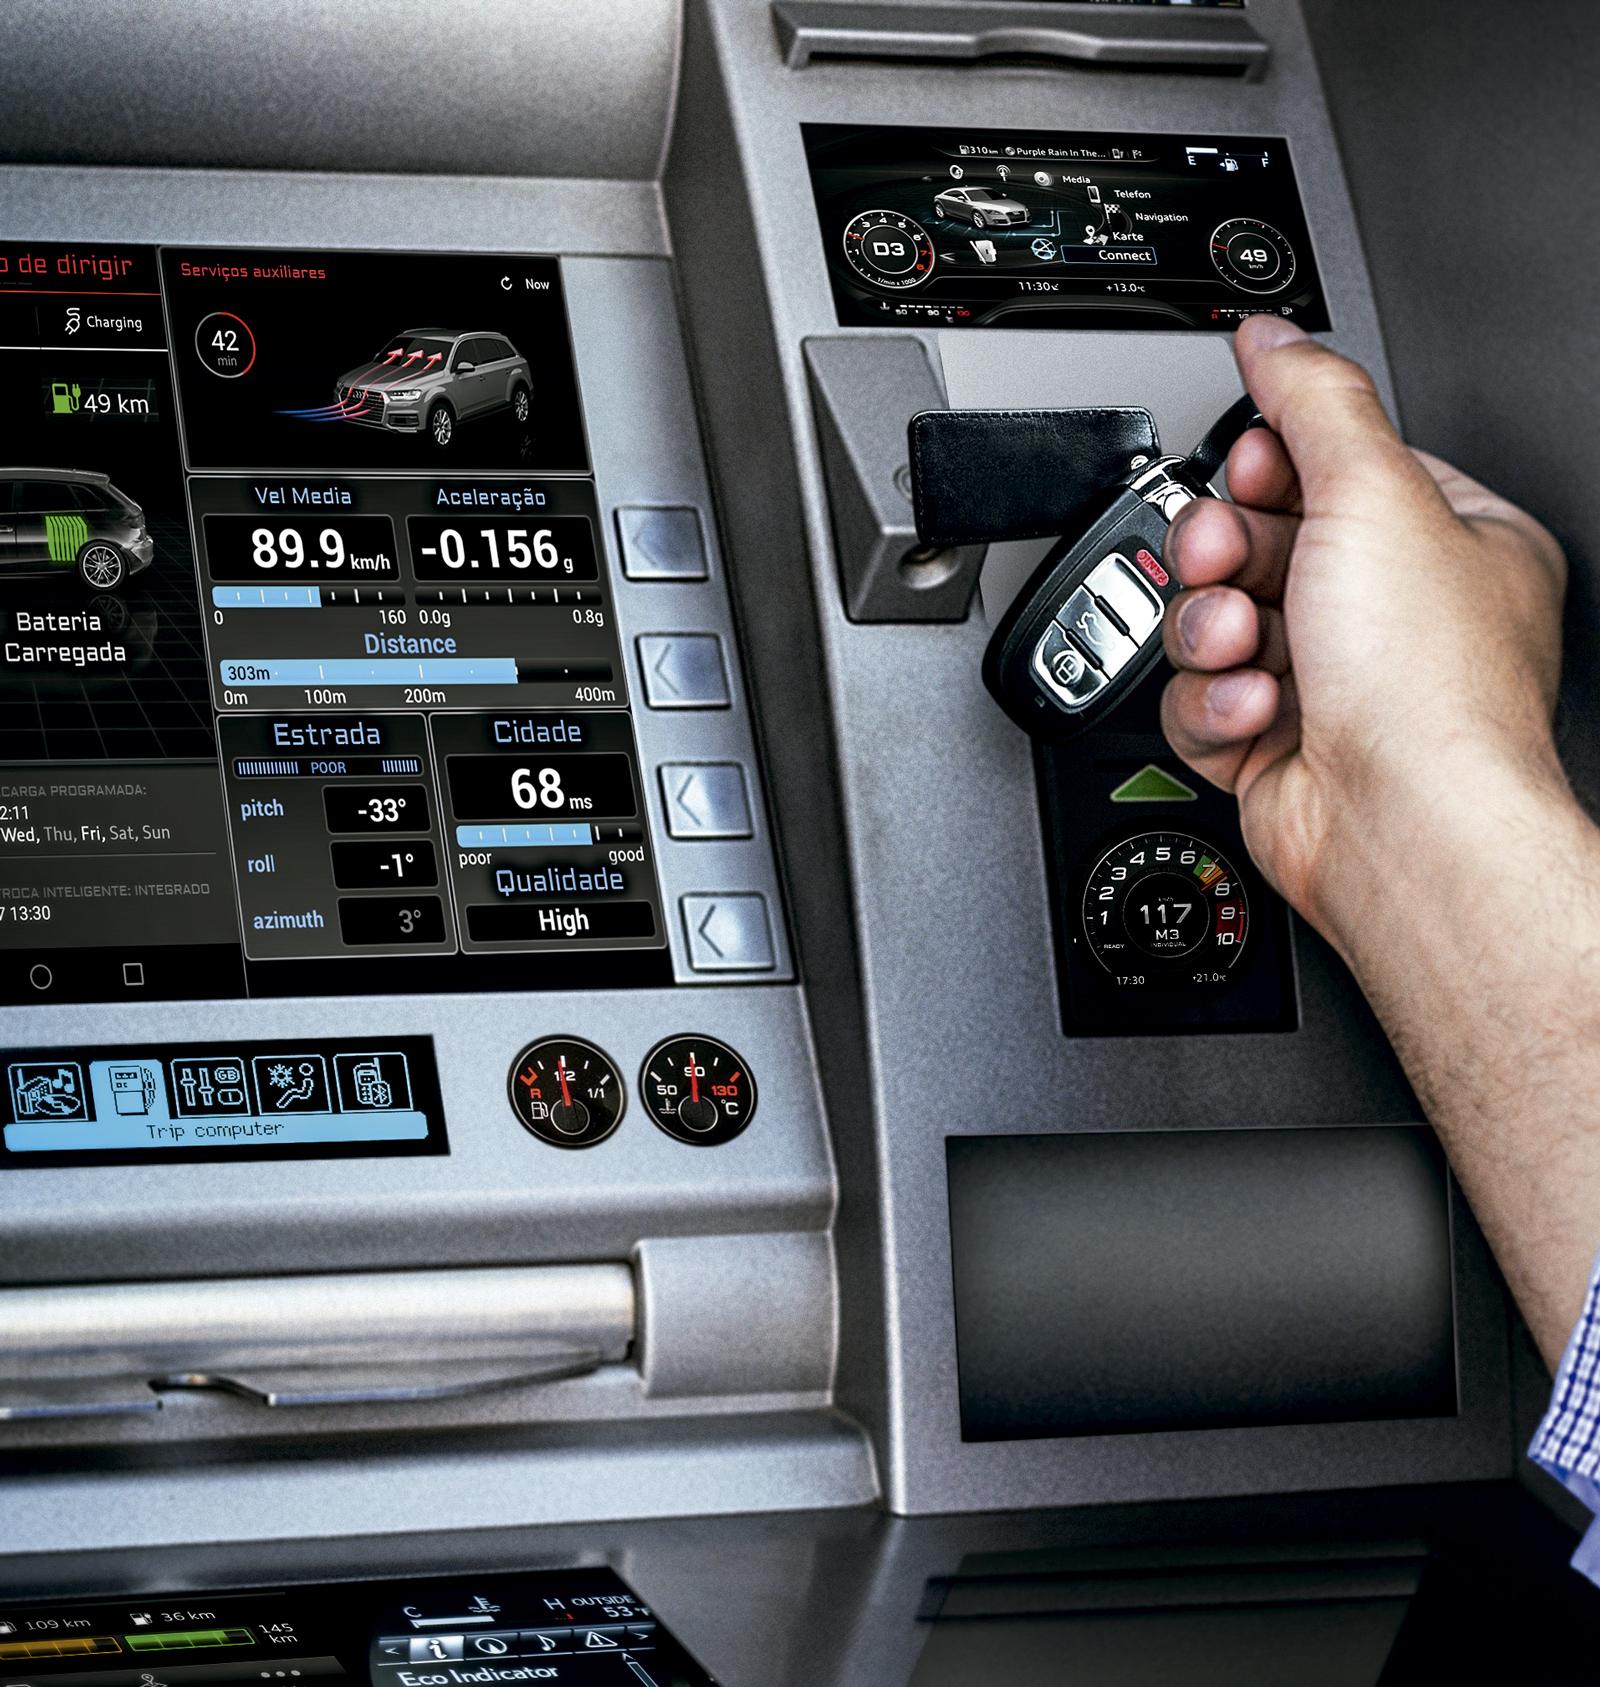 Novos serviços premiam o motorista que dirige melhor dando produtos ou descontos na apólice